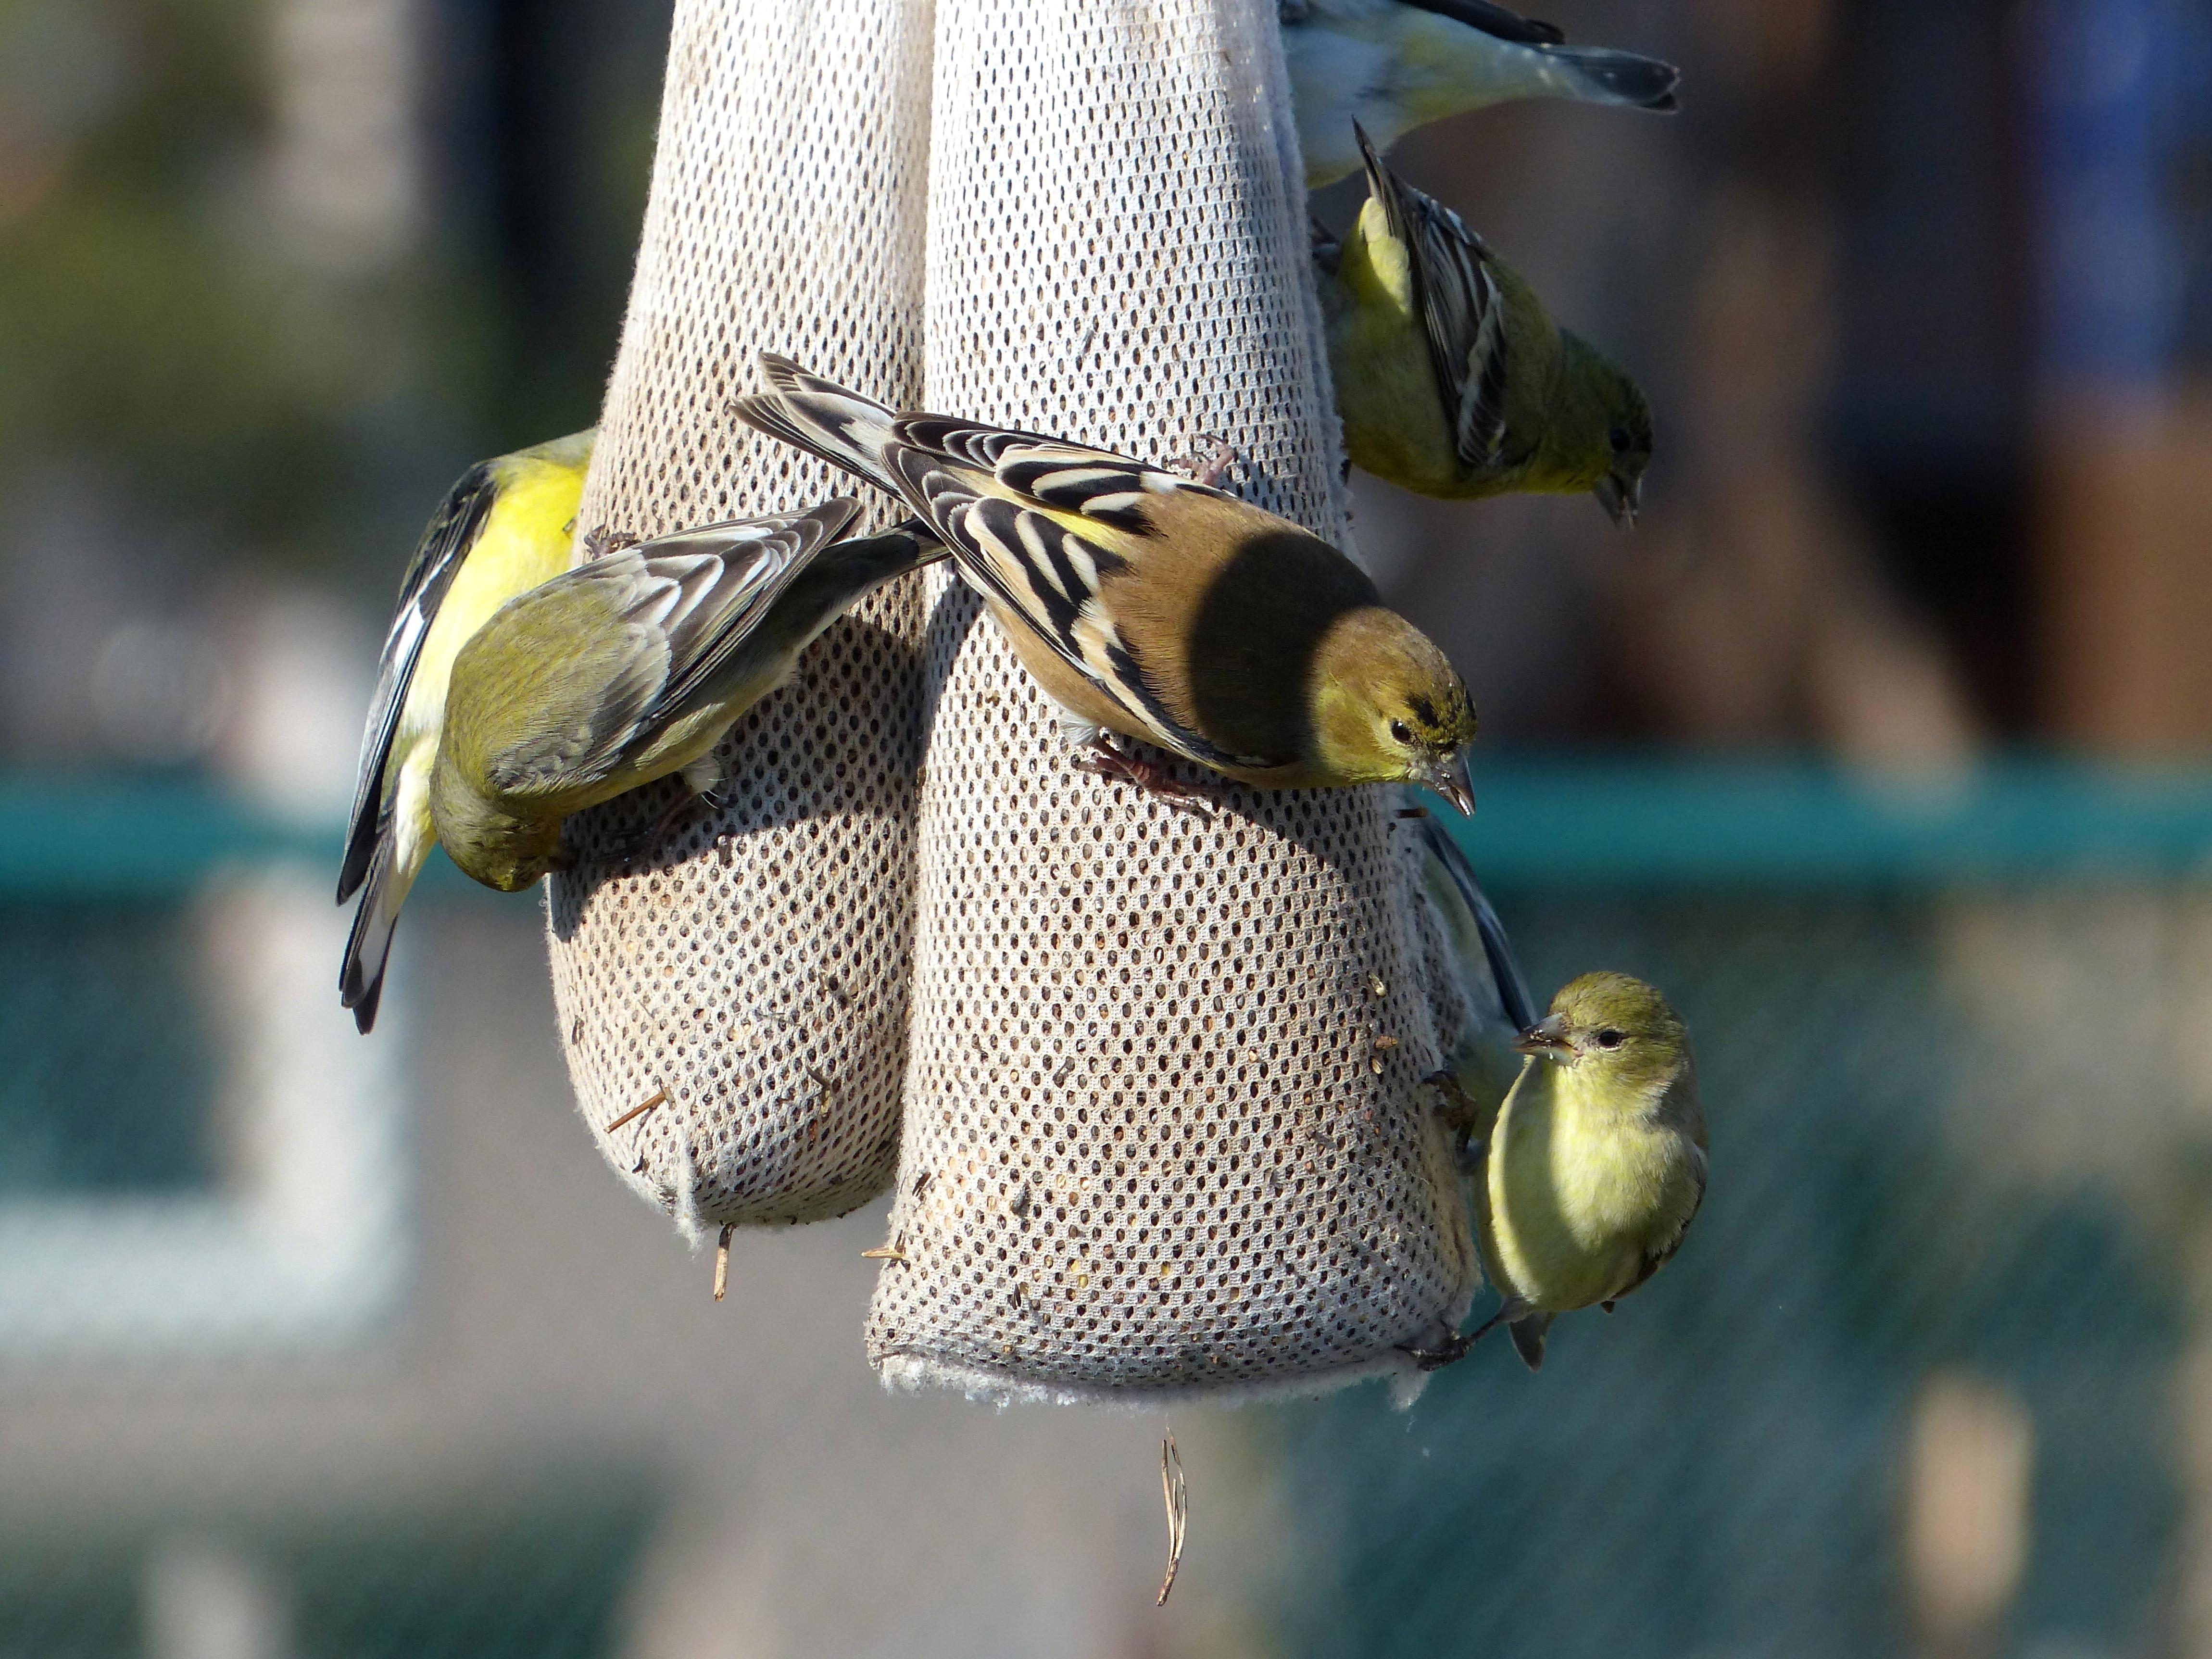 Free photograph; lesser, goldfinch, bird